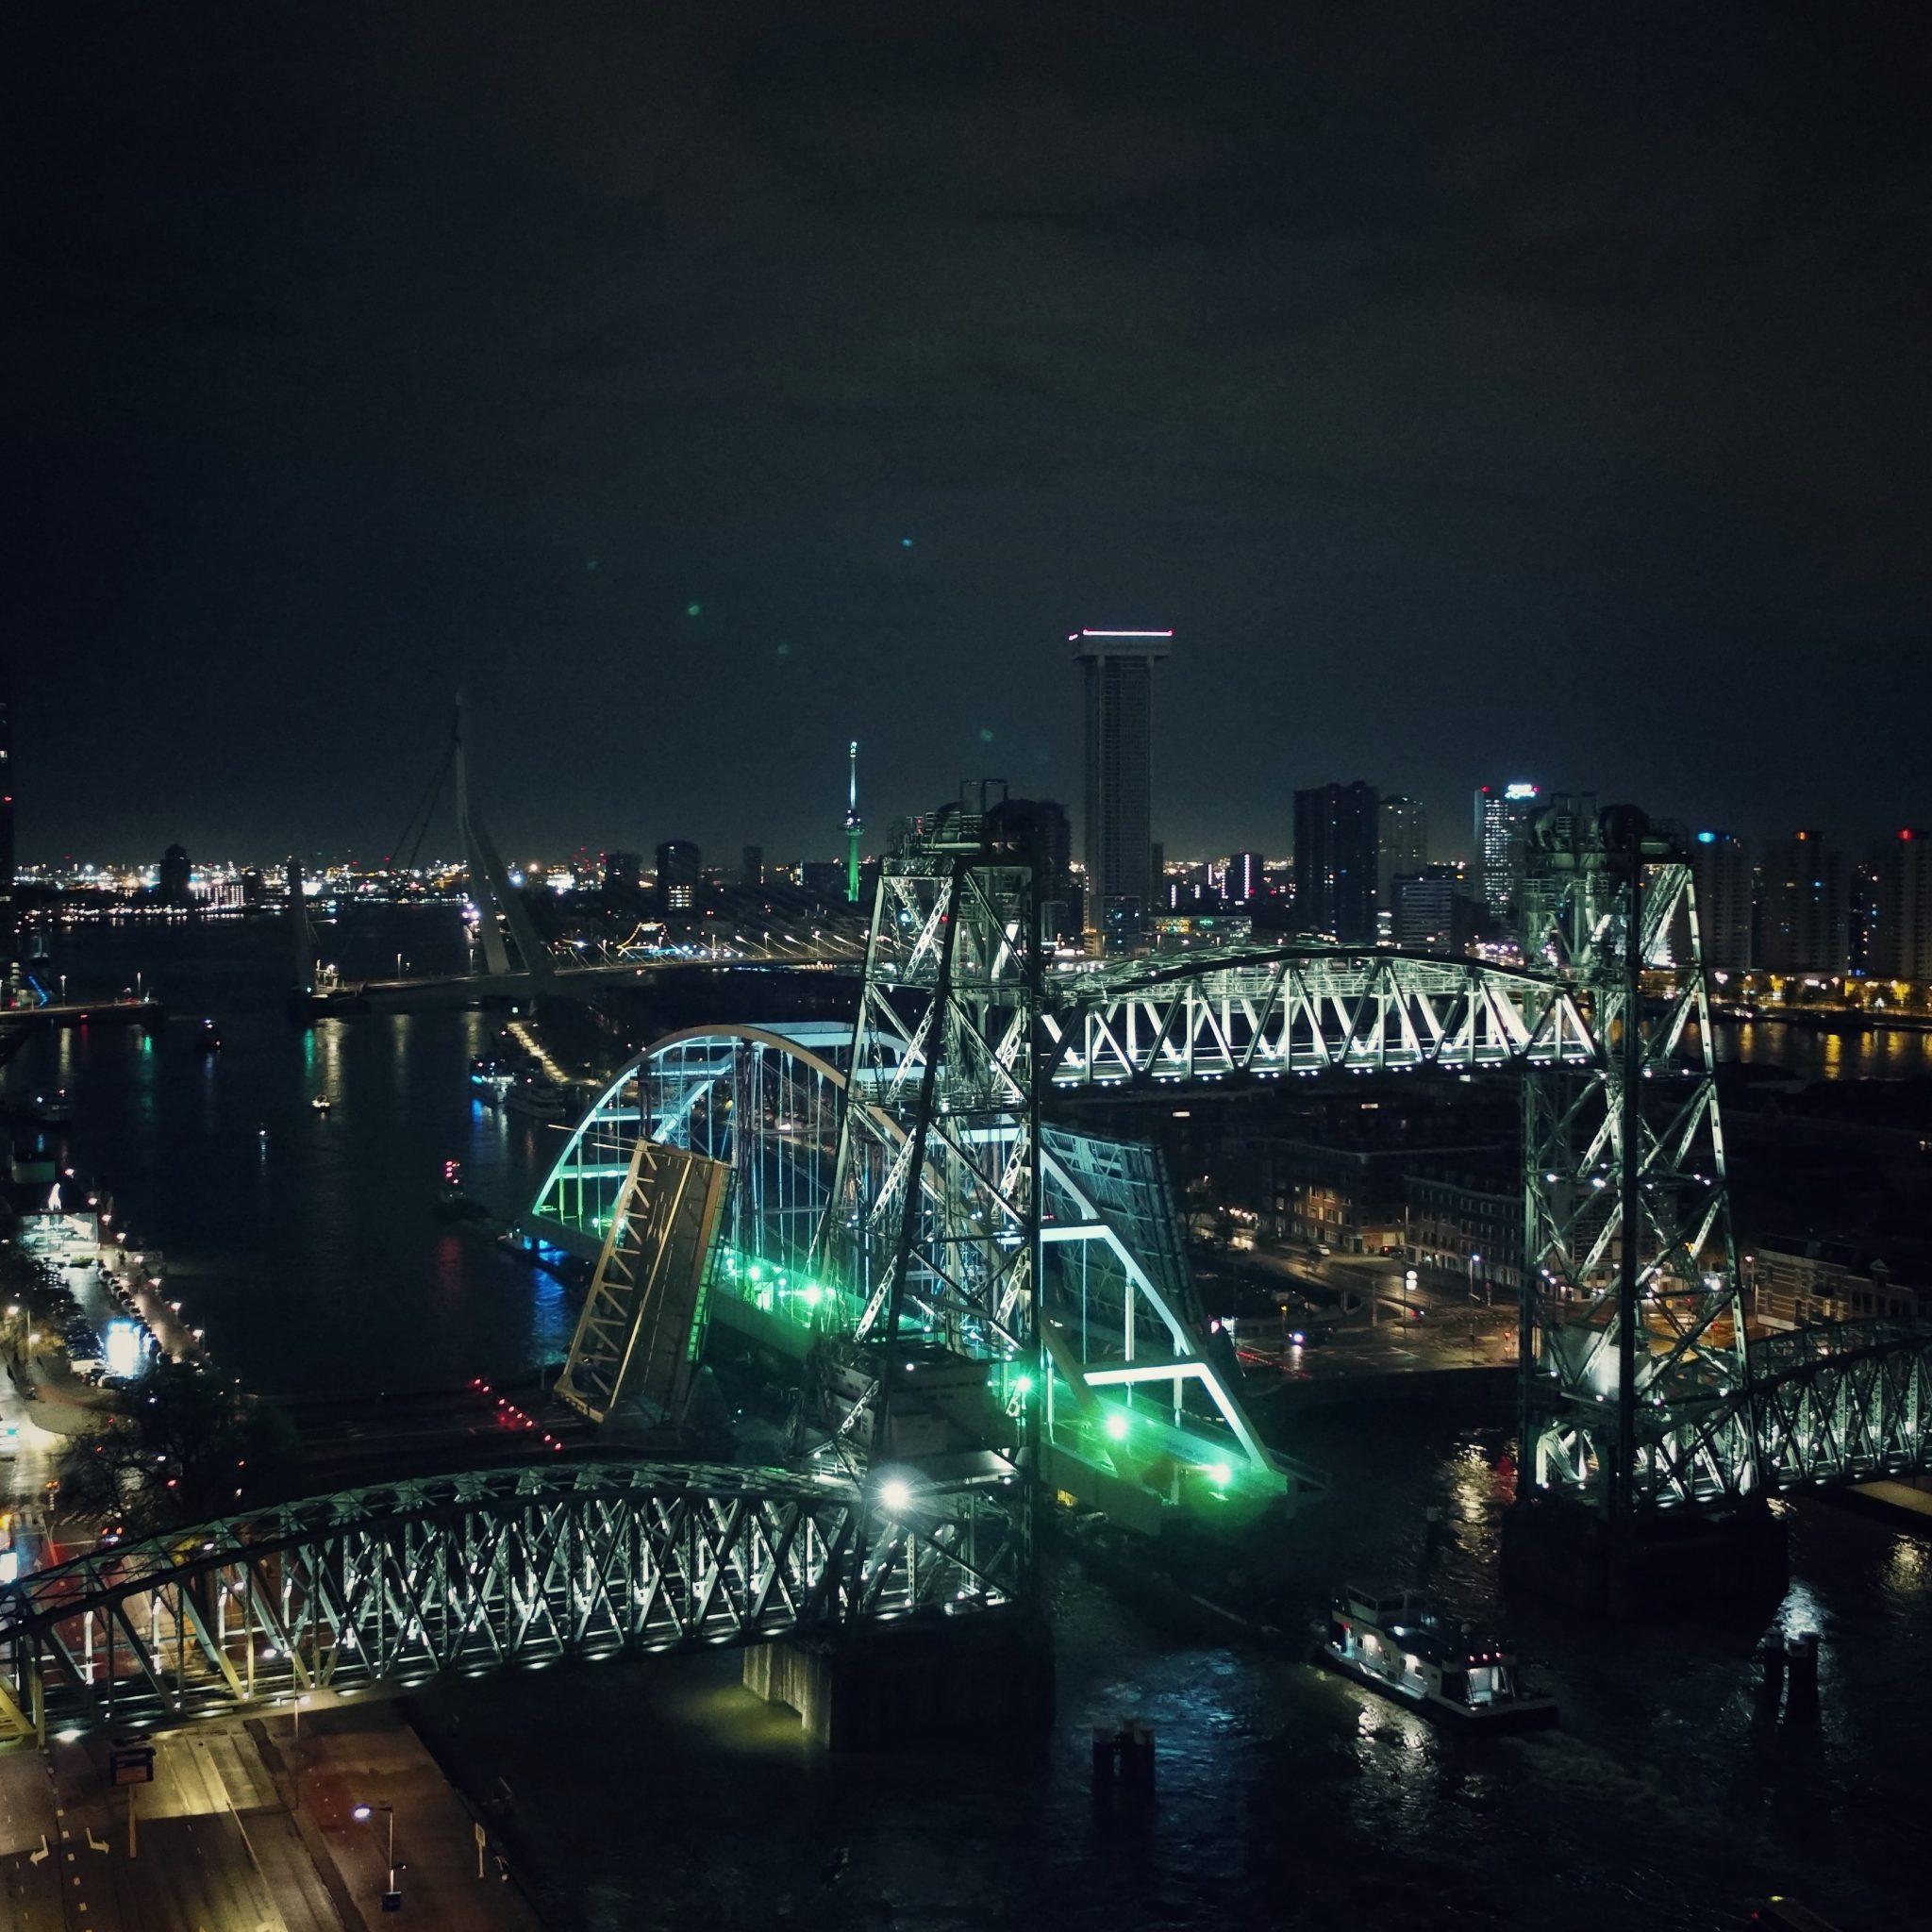 De tijdelijke Suurhoffbrug onderweg naar de juiste plek, de bestaande brug wordt nu gerenoveerd. (Foto Rijkswaterstaat Eyecatcher)